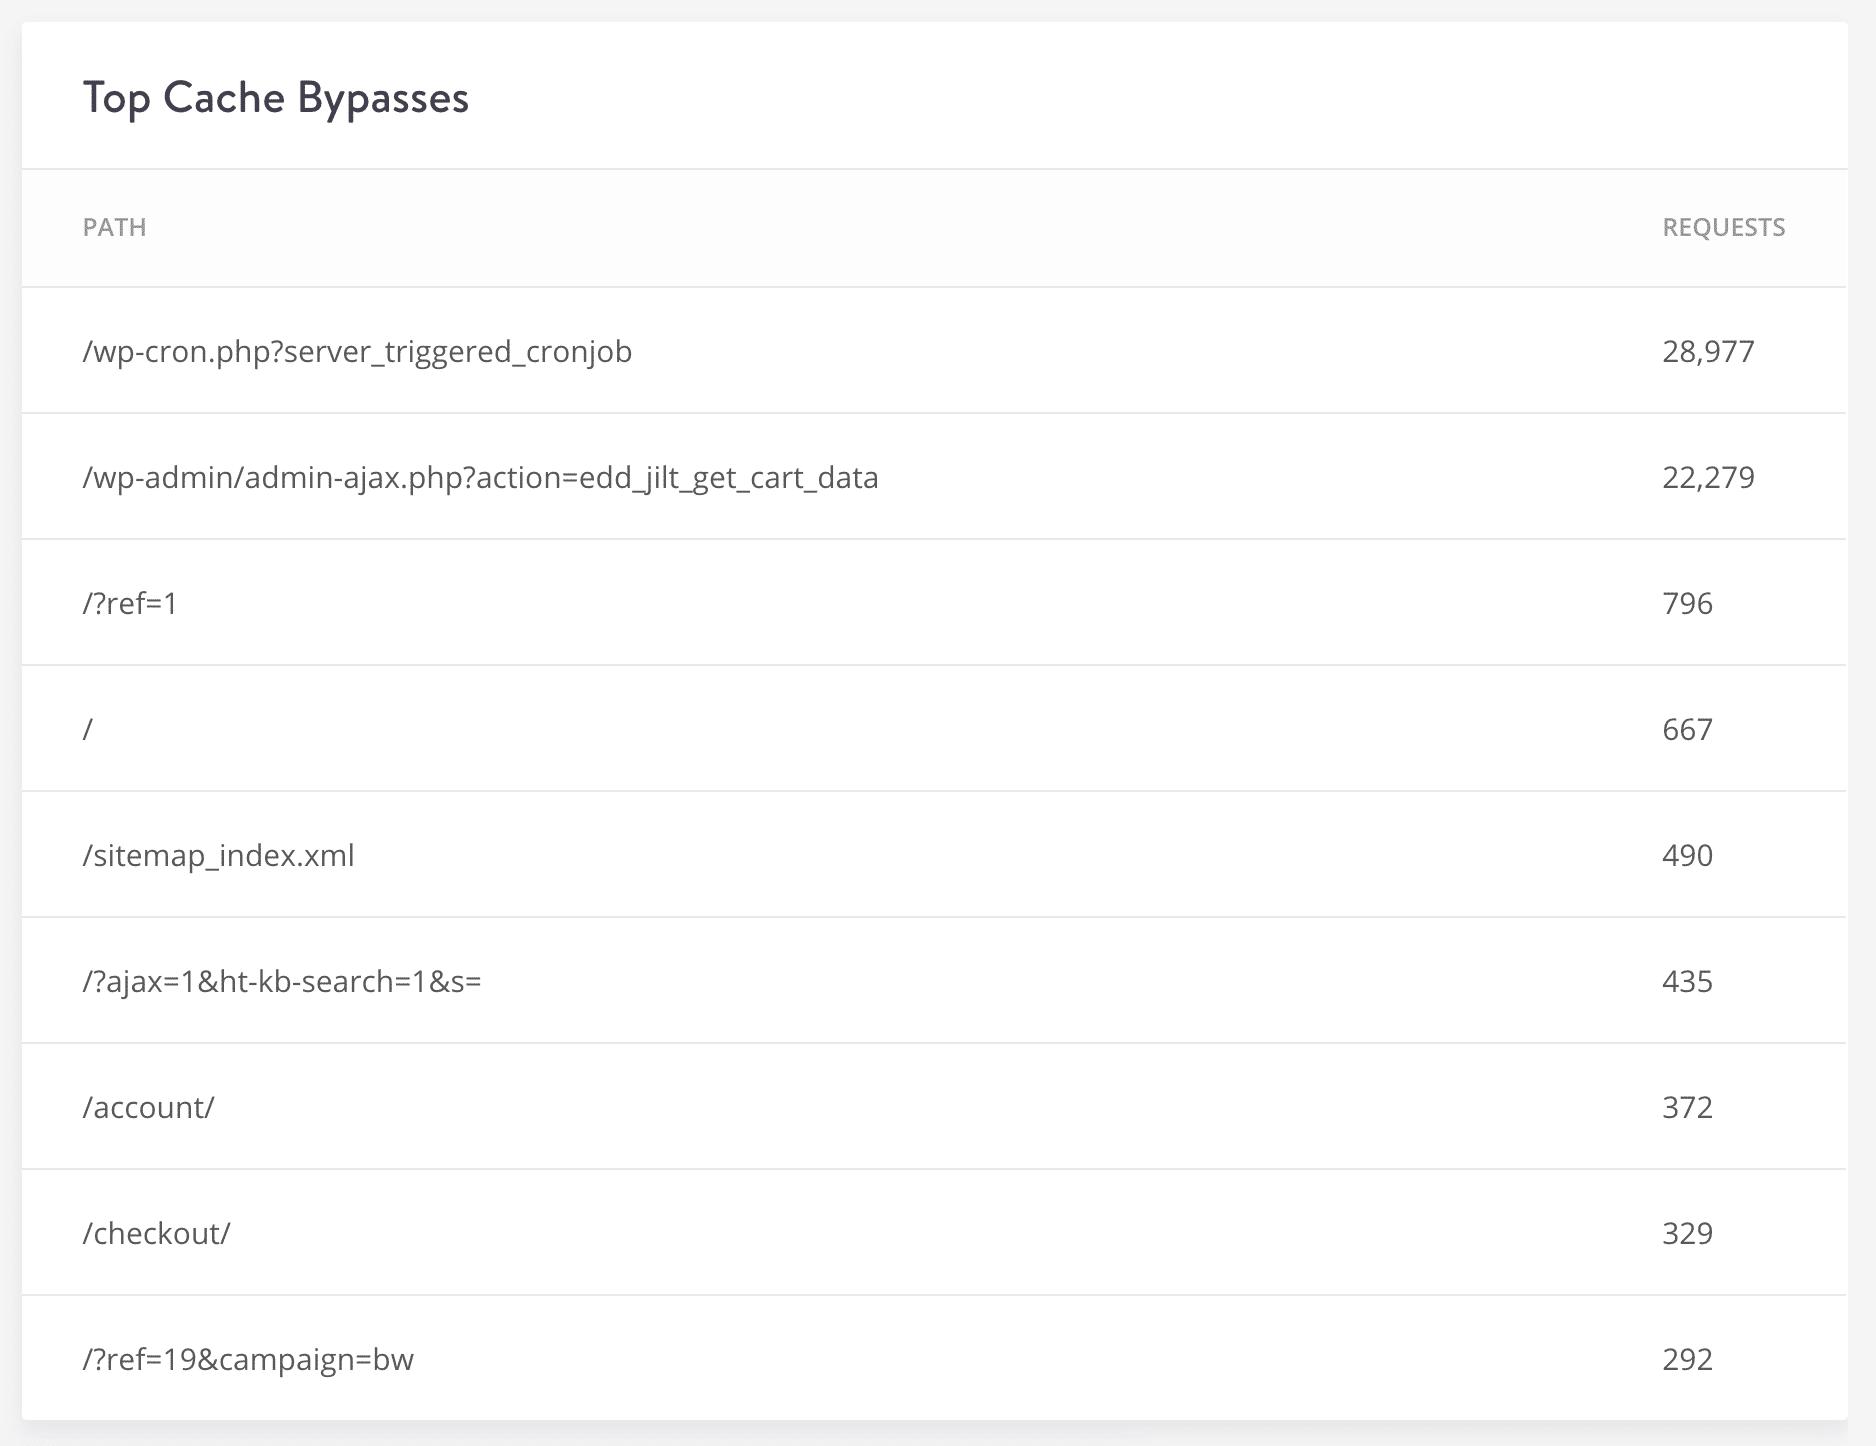 Principais bypasses de Cache em WordPress